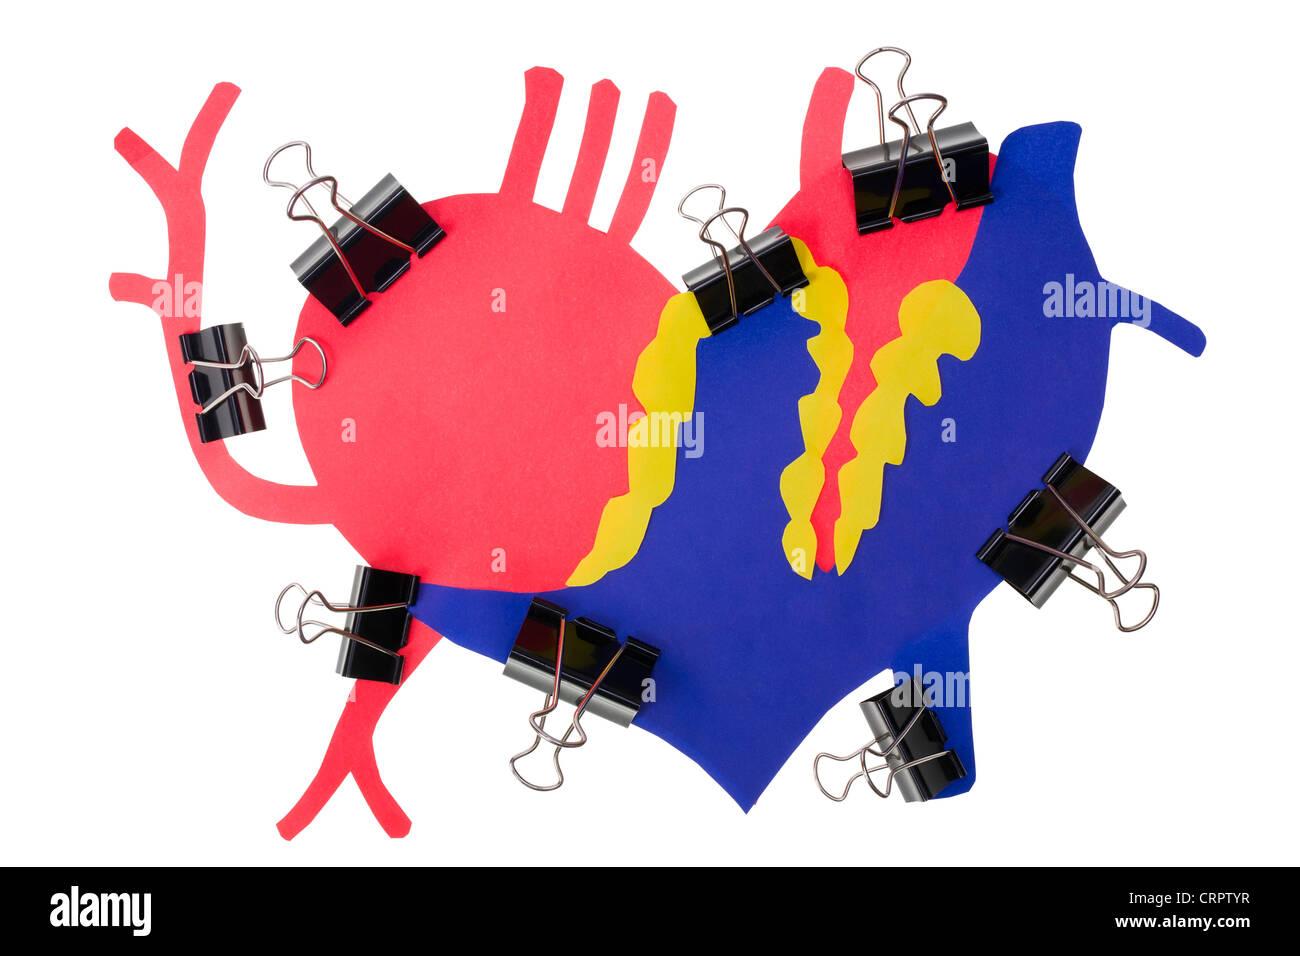 Myokardinfarkt Konzept des menschlichen Herzens. Einen Herzinfarkt. Herz aus farbigem Papier mit einer rauen Oberfläche ist komprimierte st Stockfoto